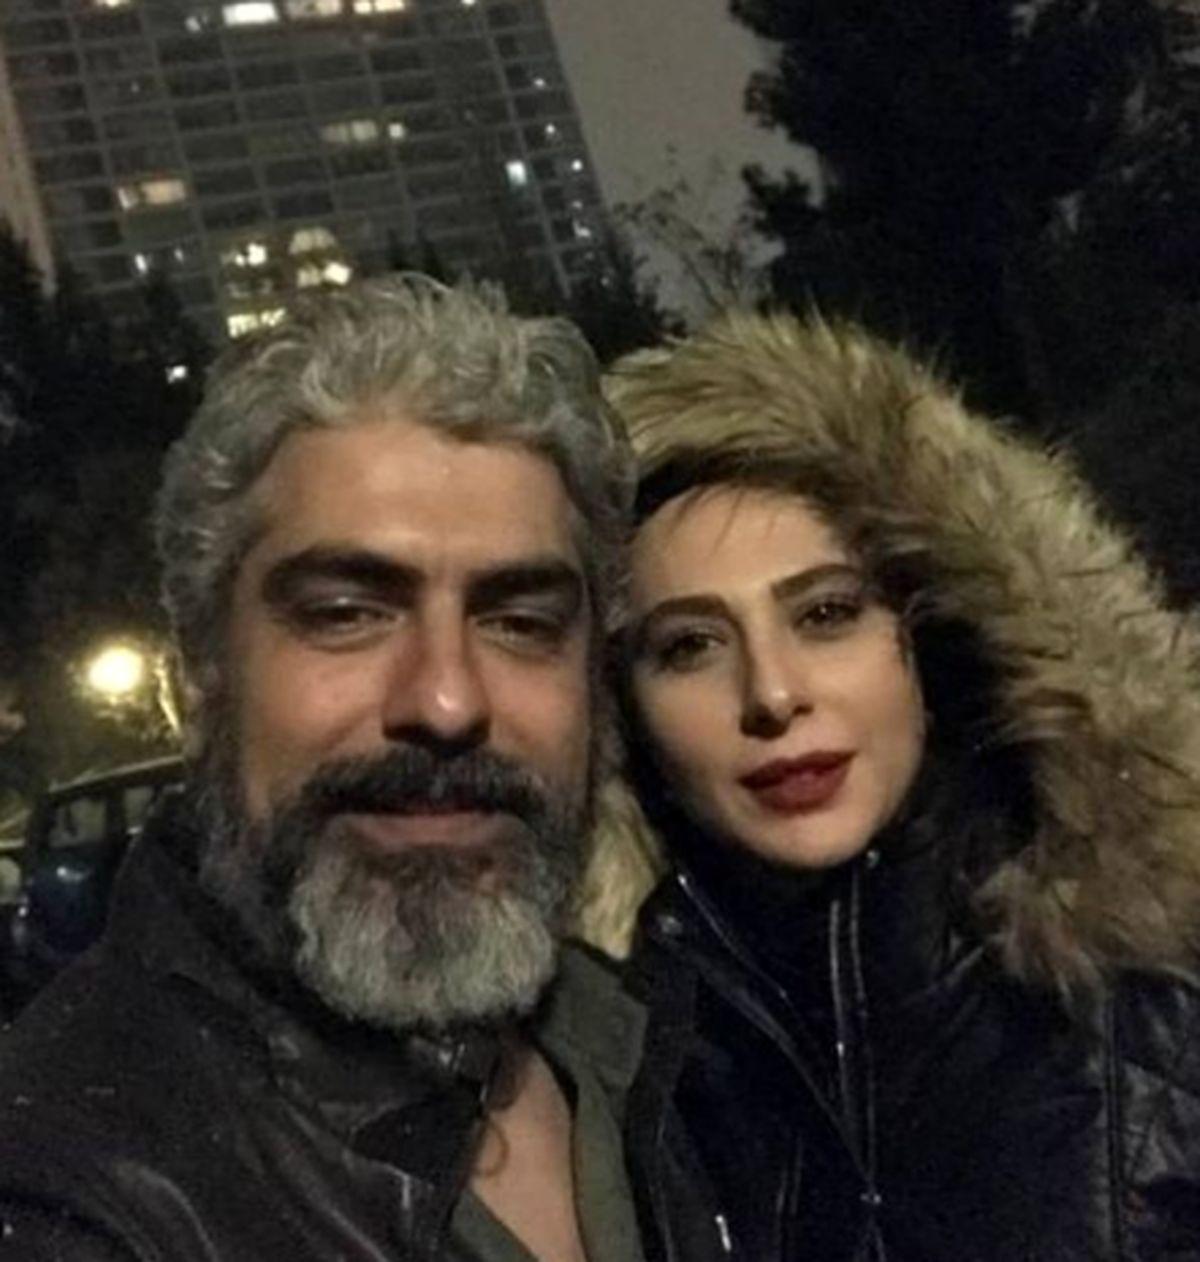 لباس عجیب و منشوری همسر دوم مهدی پاکدل همه را شوکه کرد + عکس